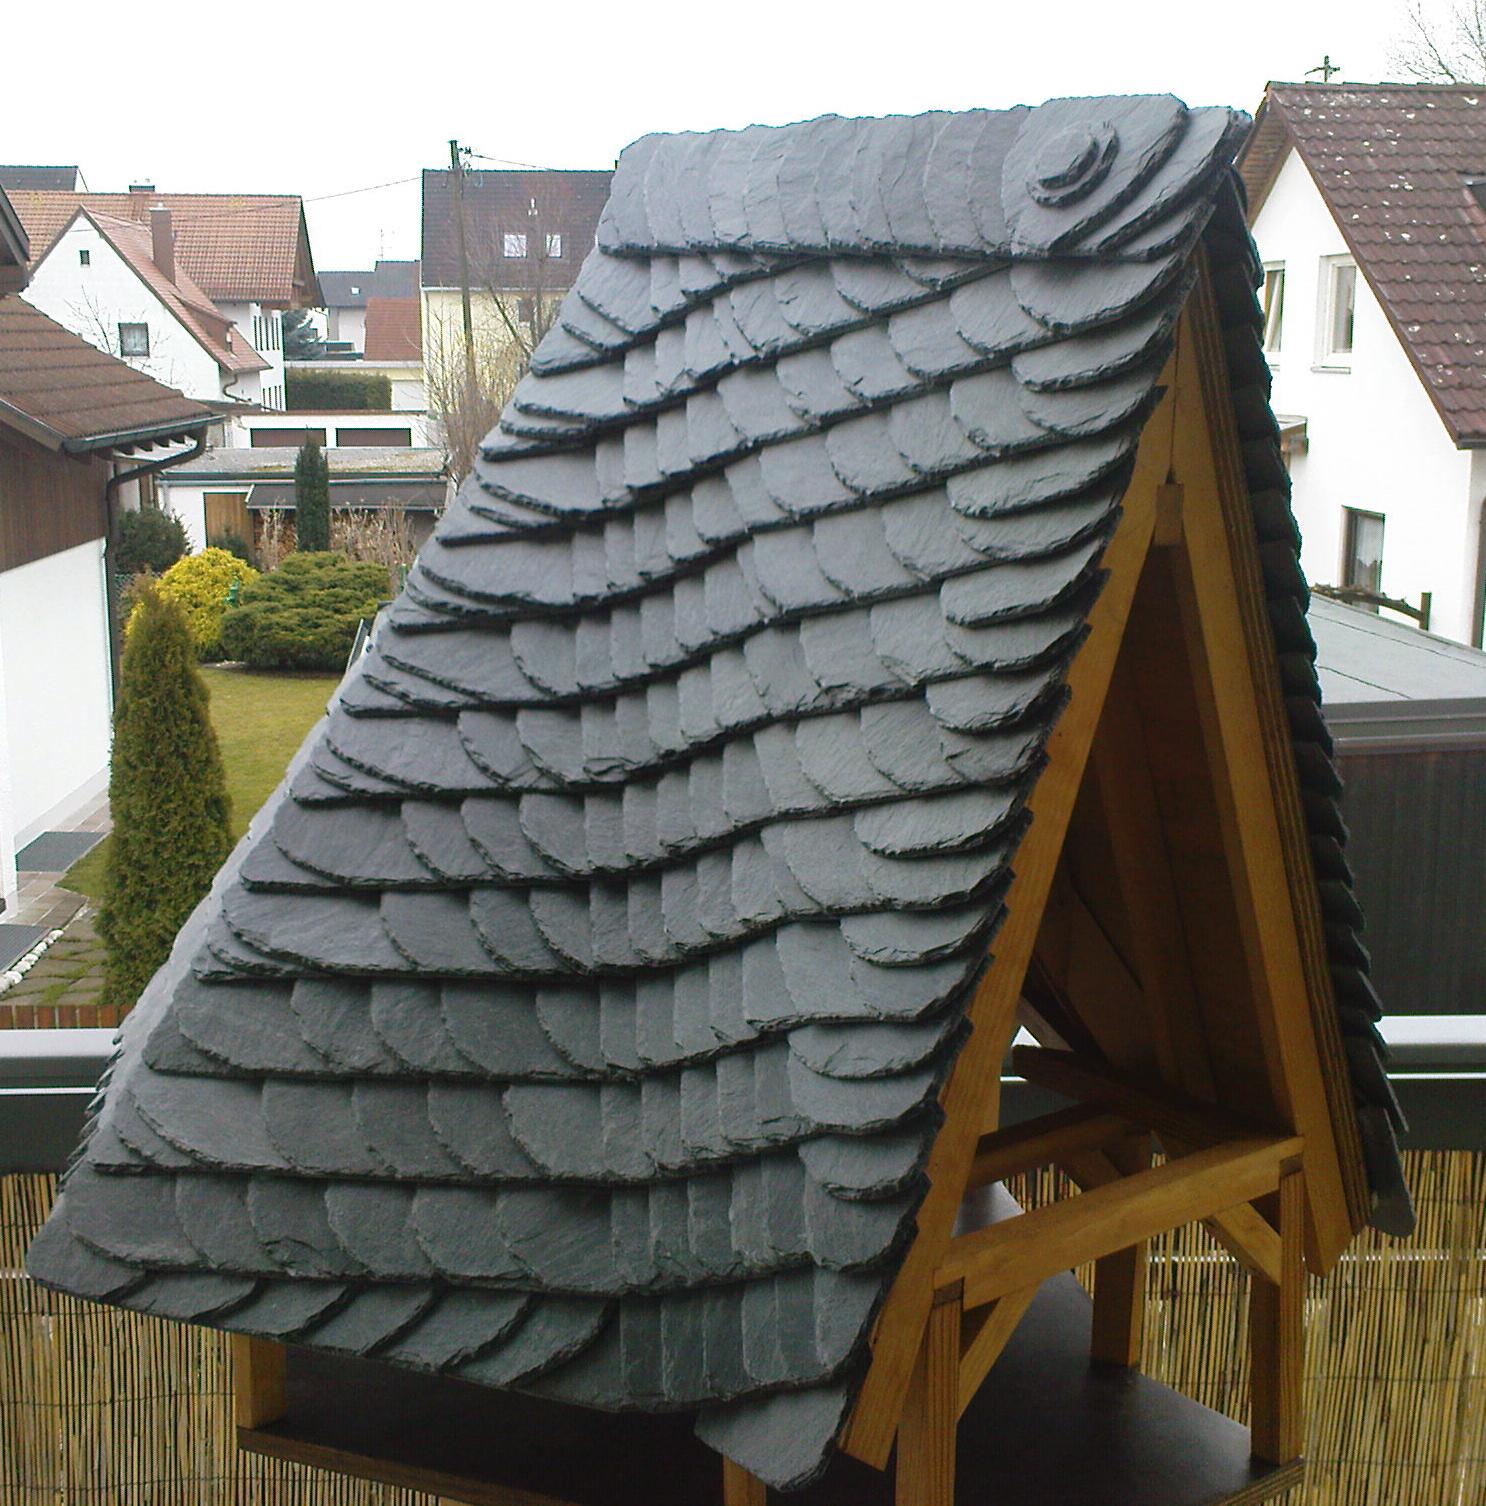 Vogelhäuschen in Altdeutscher Schieferdeckung